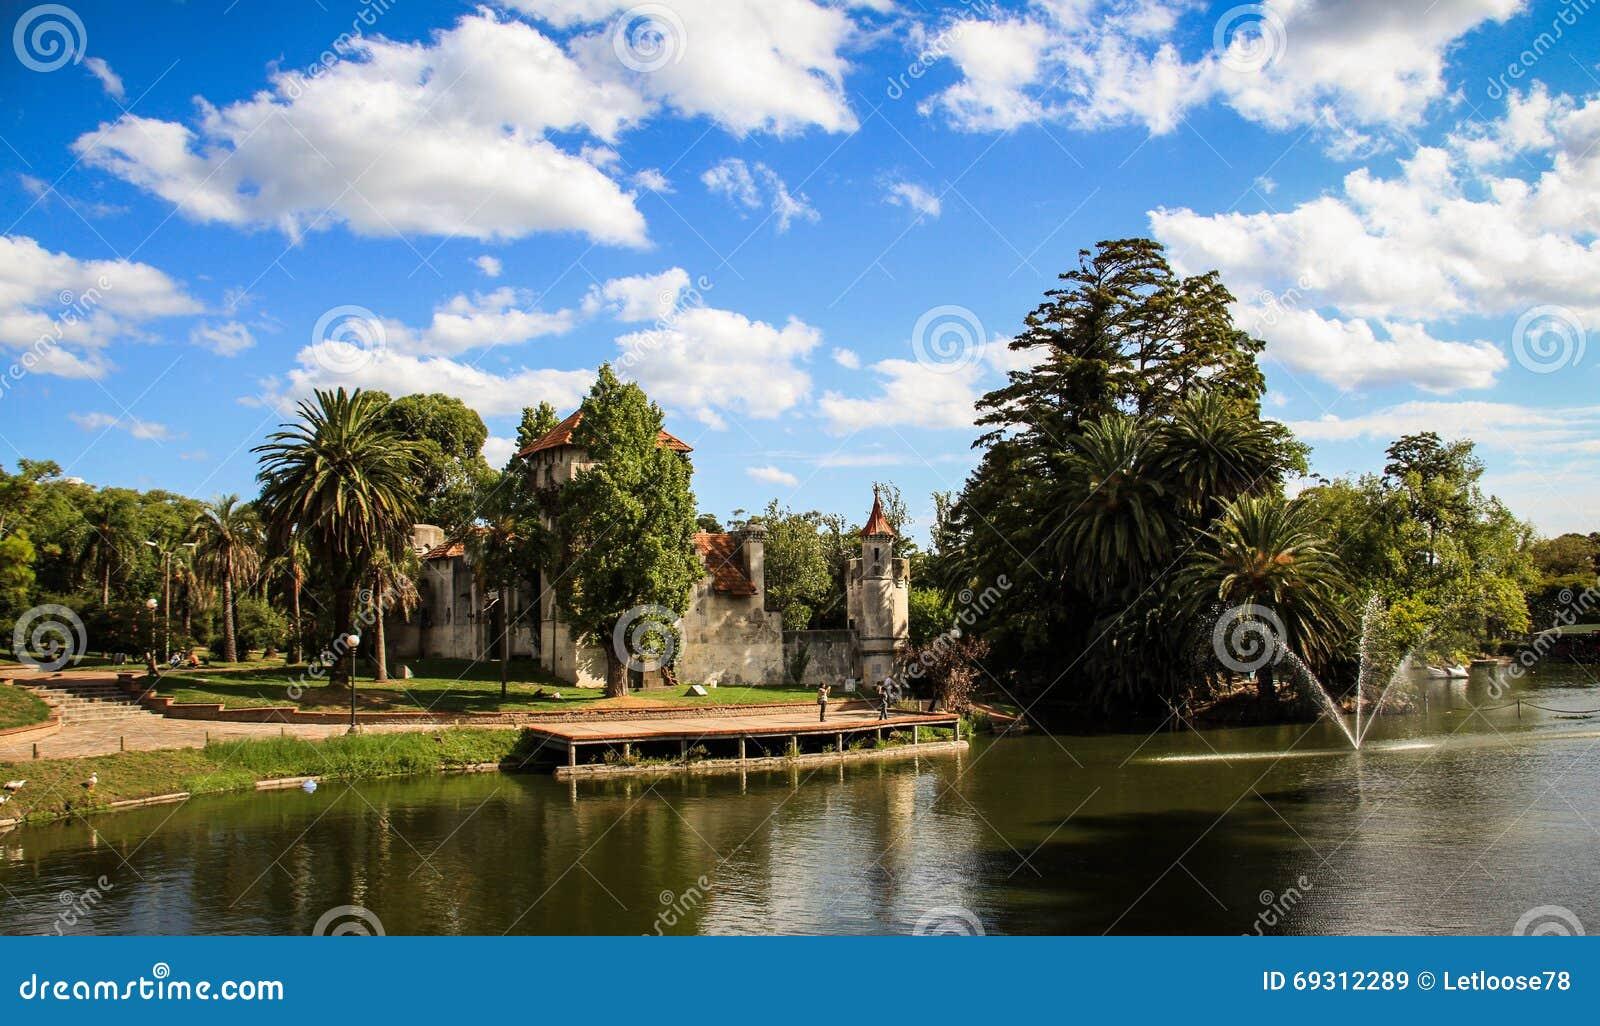 Castillo y lago del parque de Rodo, Montevideo, Uruguay